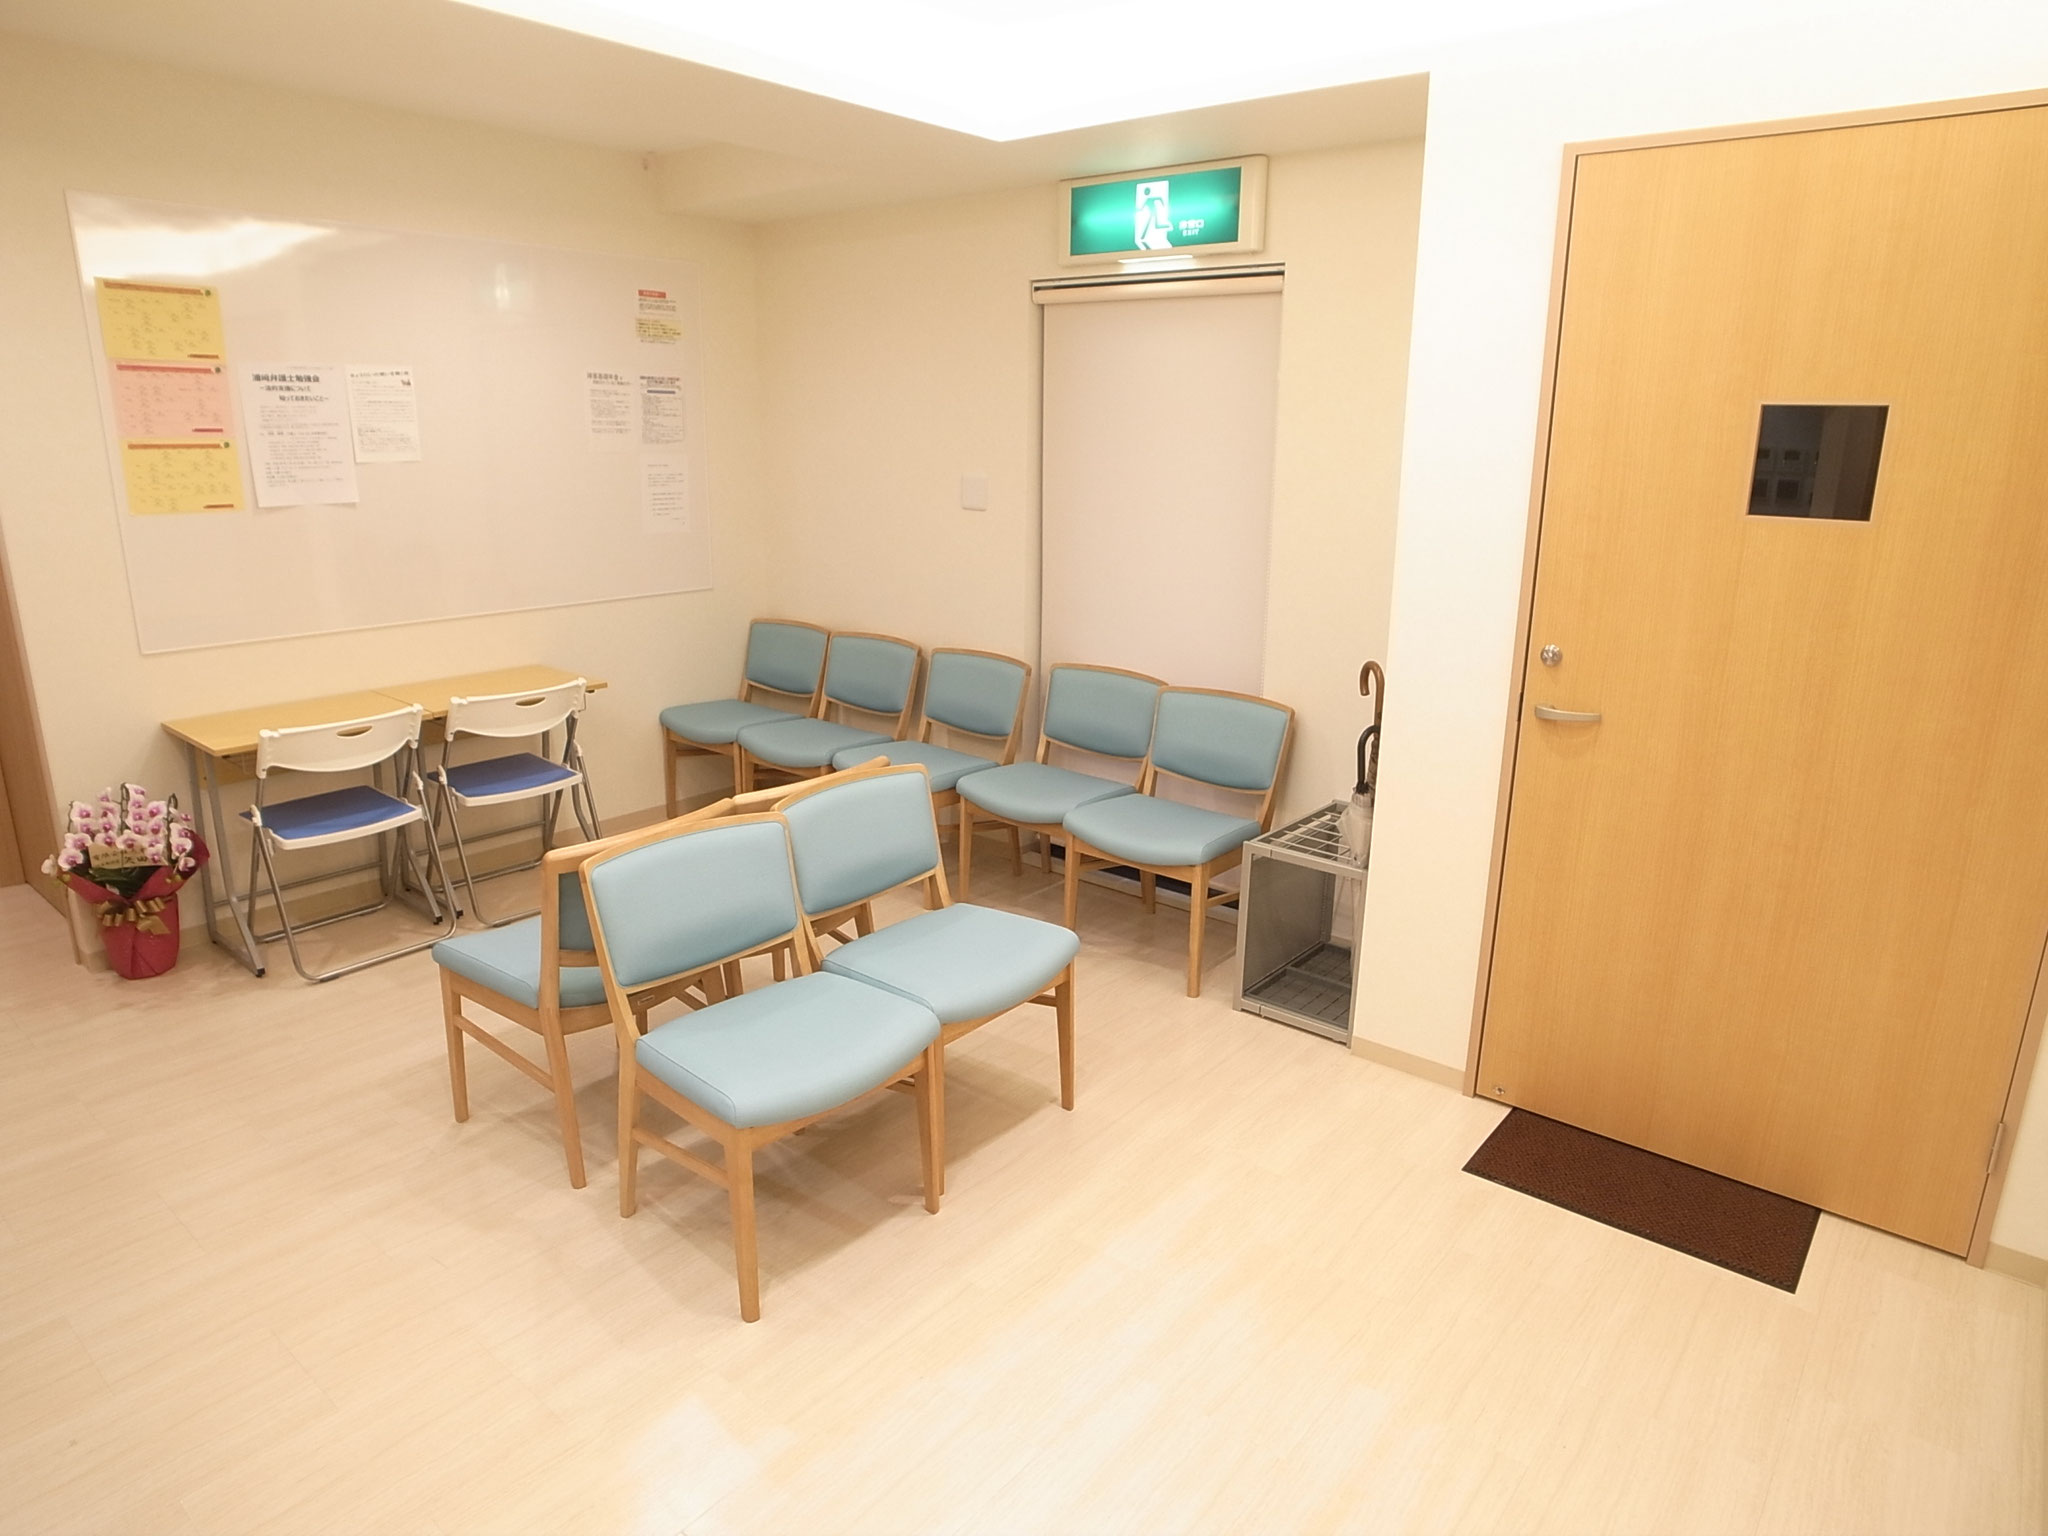 待合室(個別に座れるよう、個別の机と椅子もご用意しています)